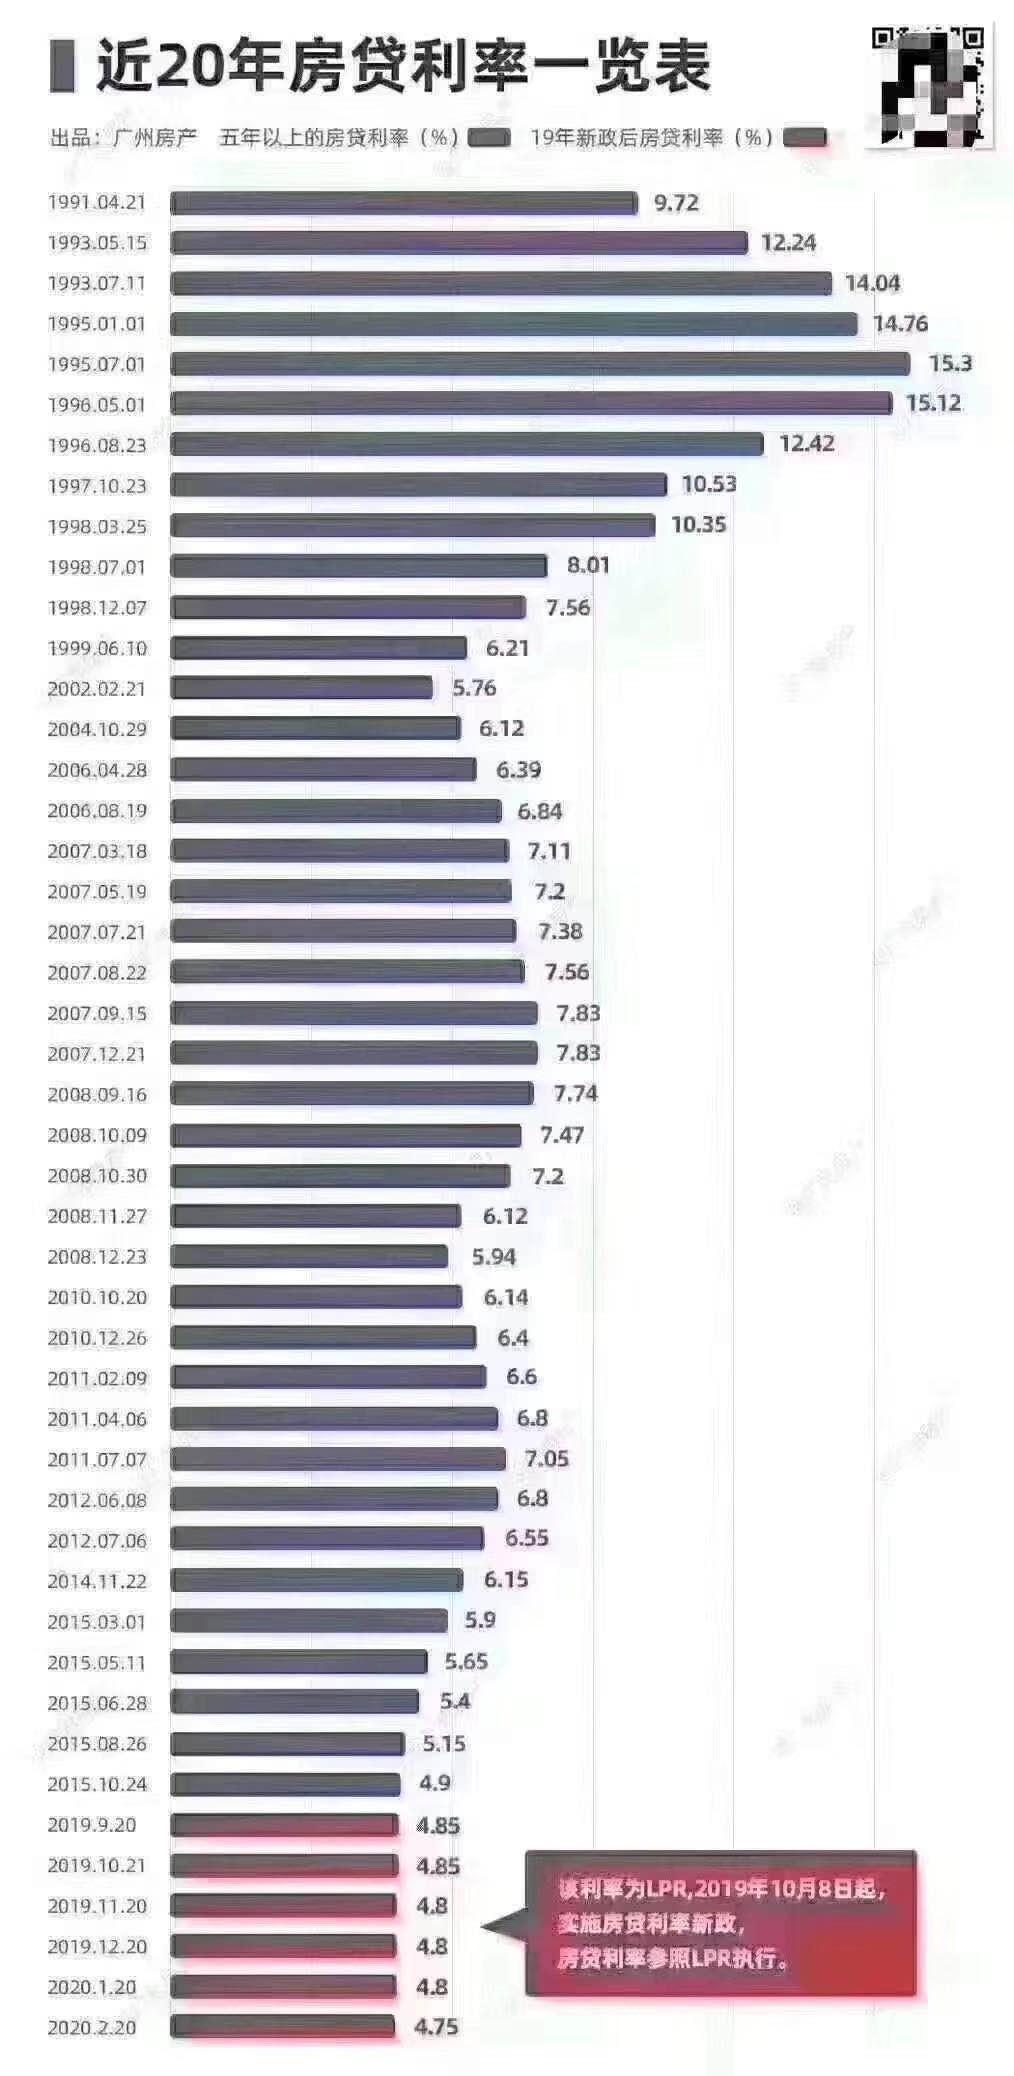 疫情结束,买房高峰即将来临!房贷利率4.75%创20年来最低!